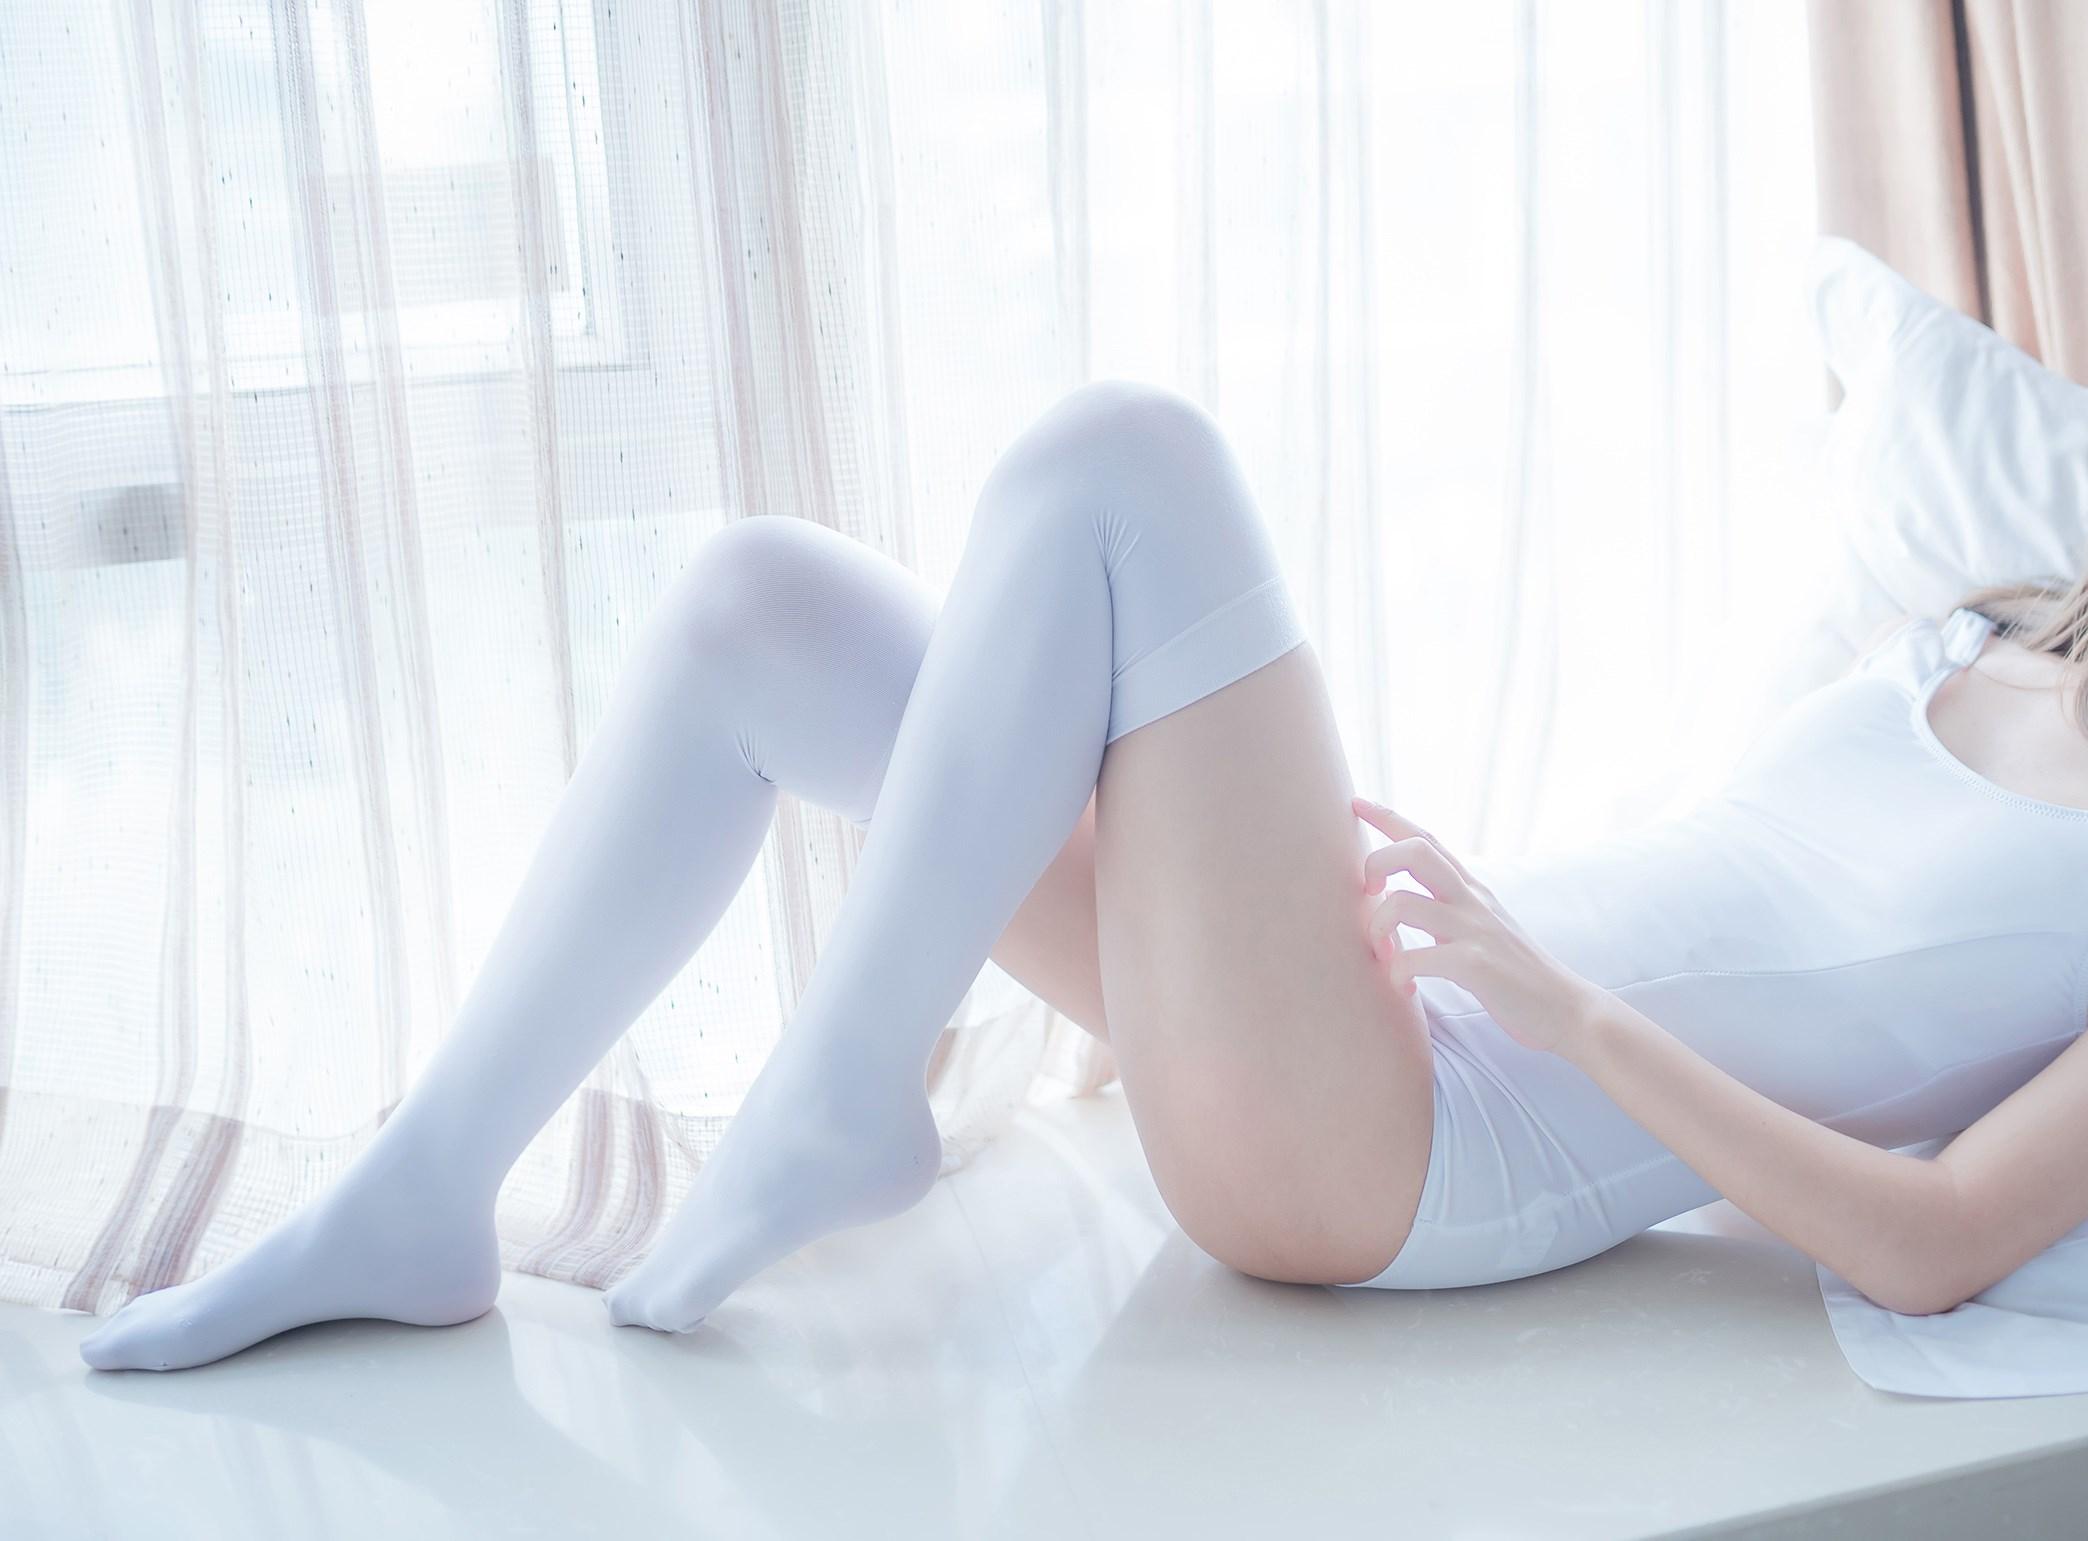 【兔玩映画】vol.09-纯白色 兔玩映画 第37张